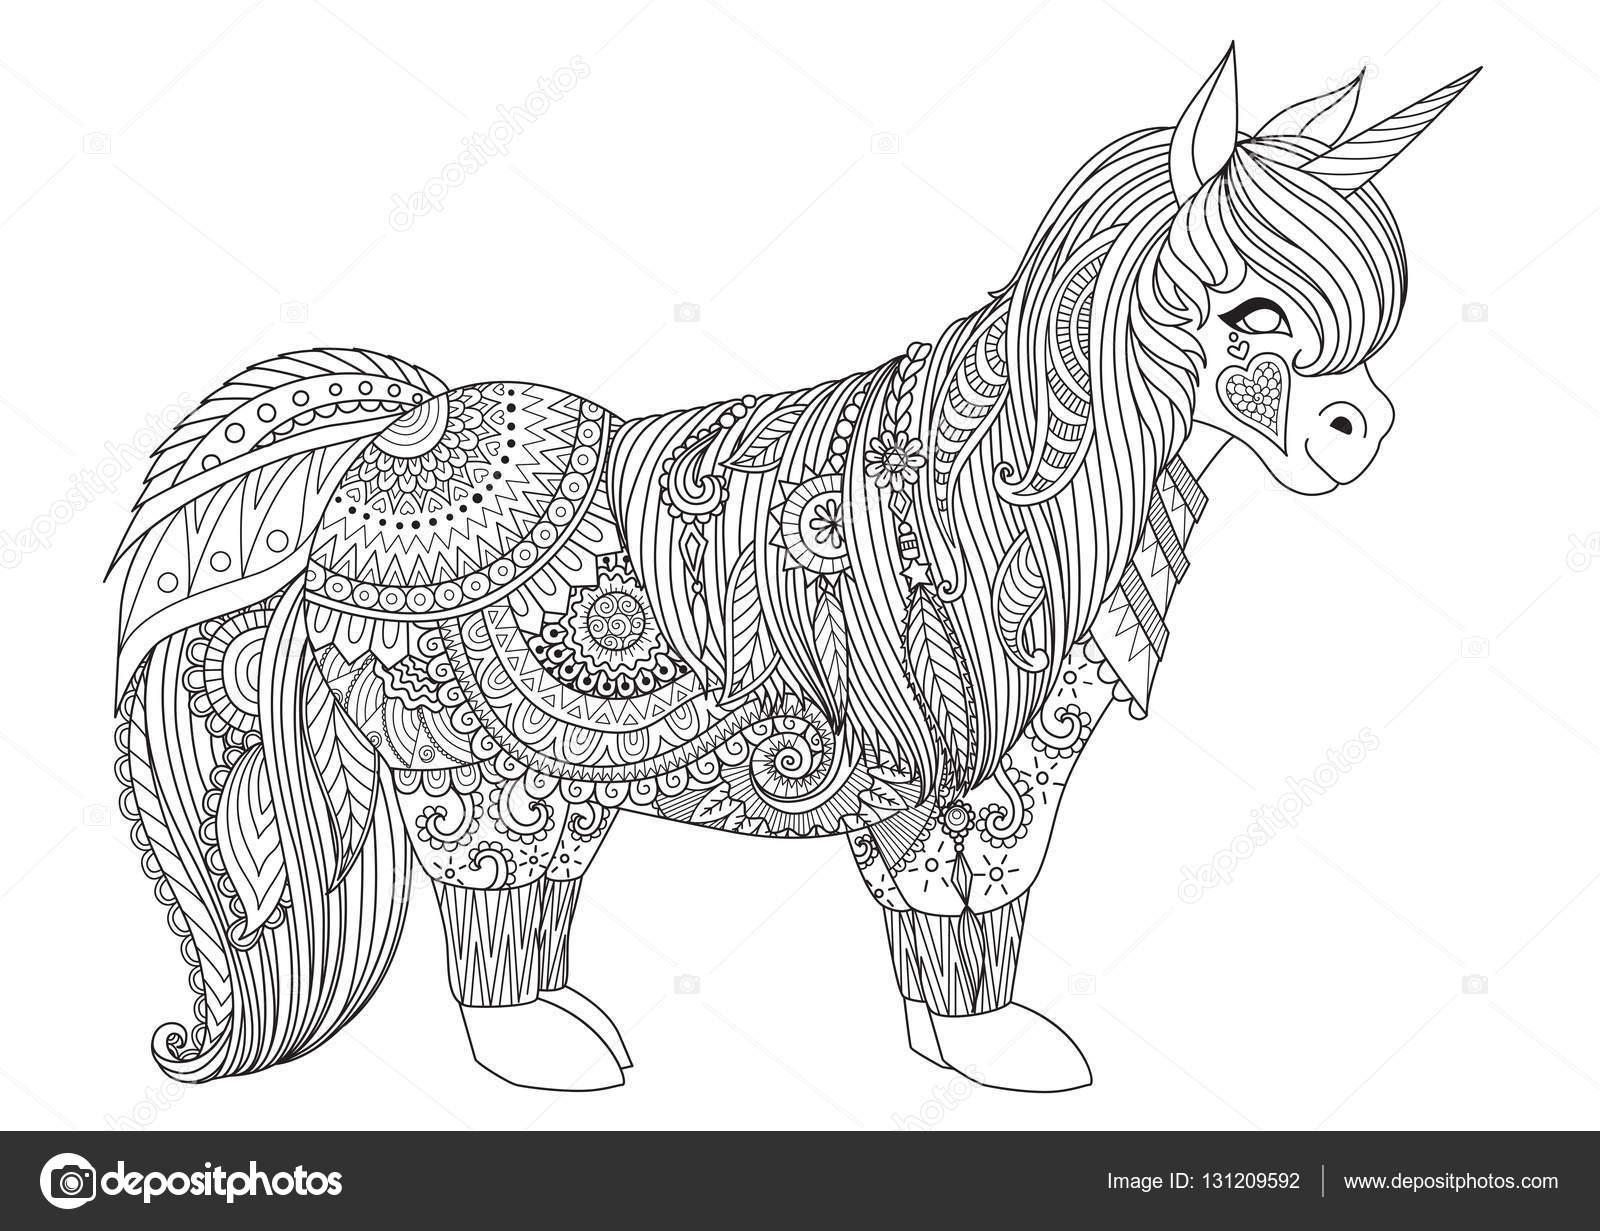 Zentangle Ge 239 Nspireerd Ontwerp Van Happy Little Pony Voor